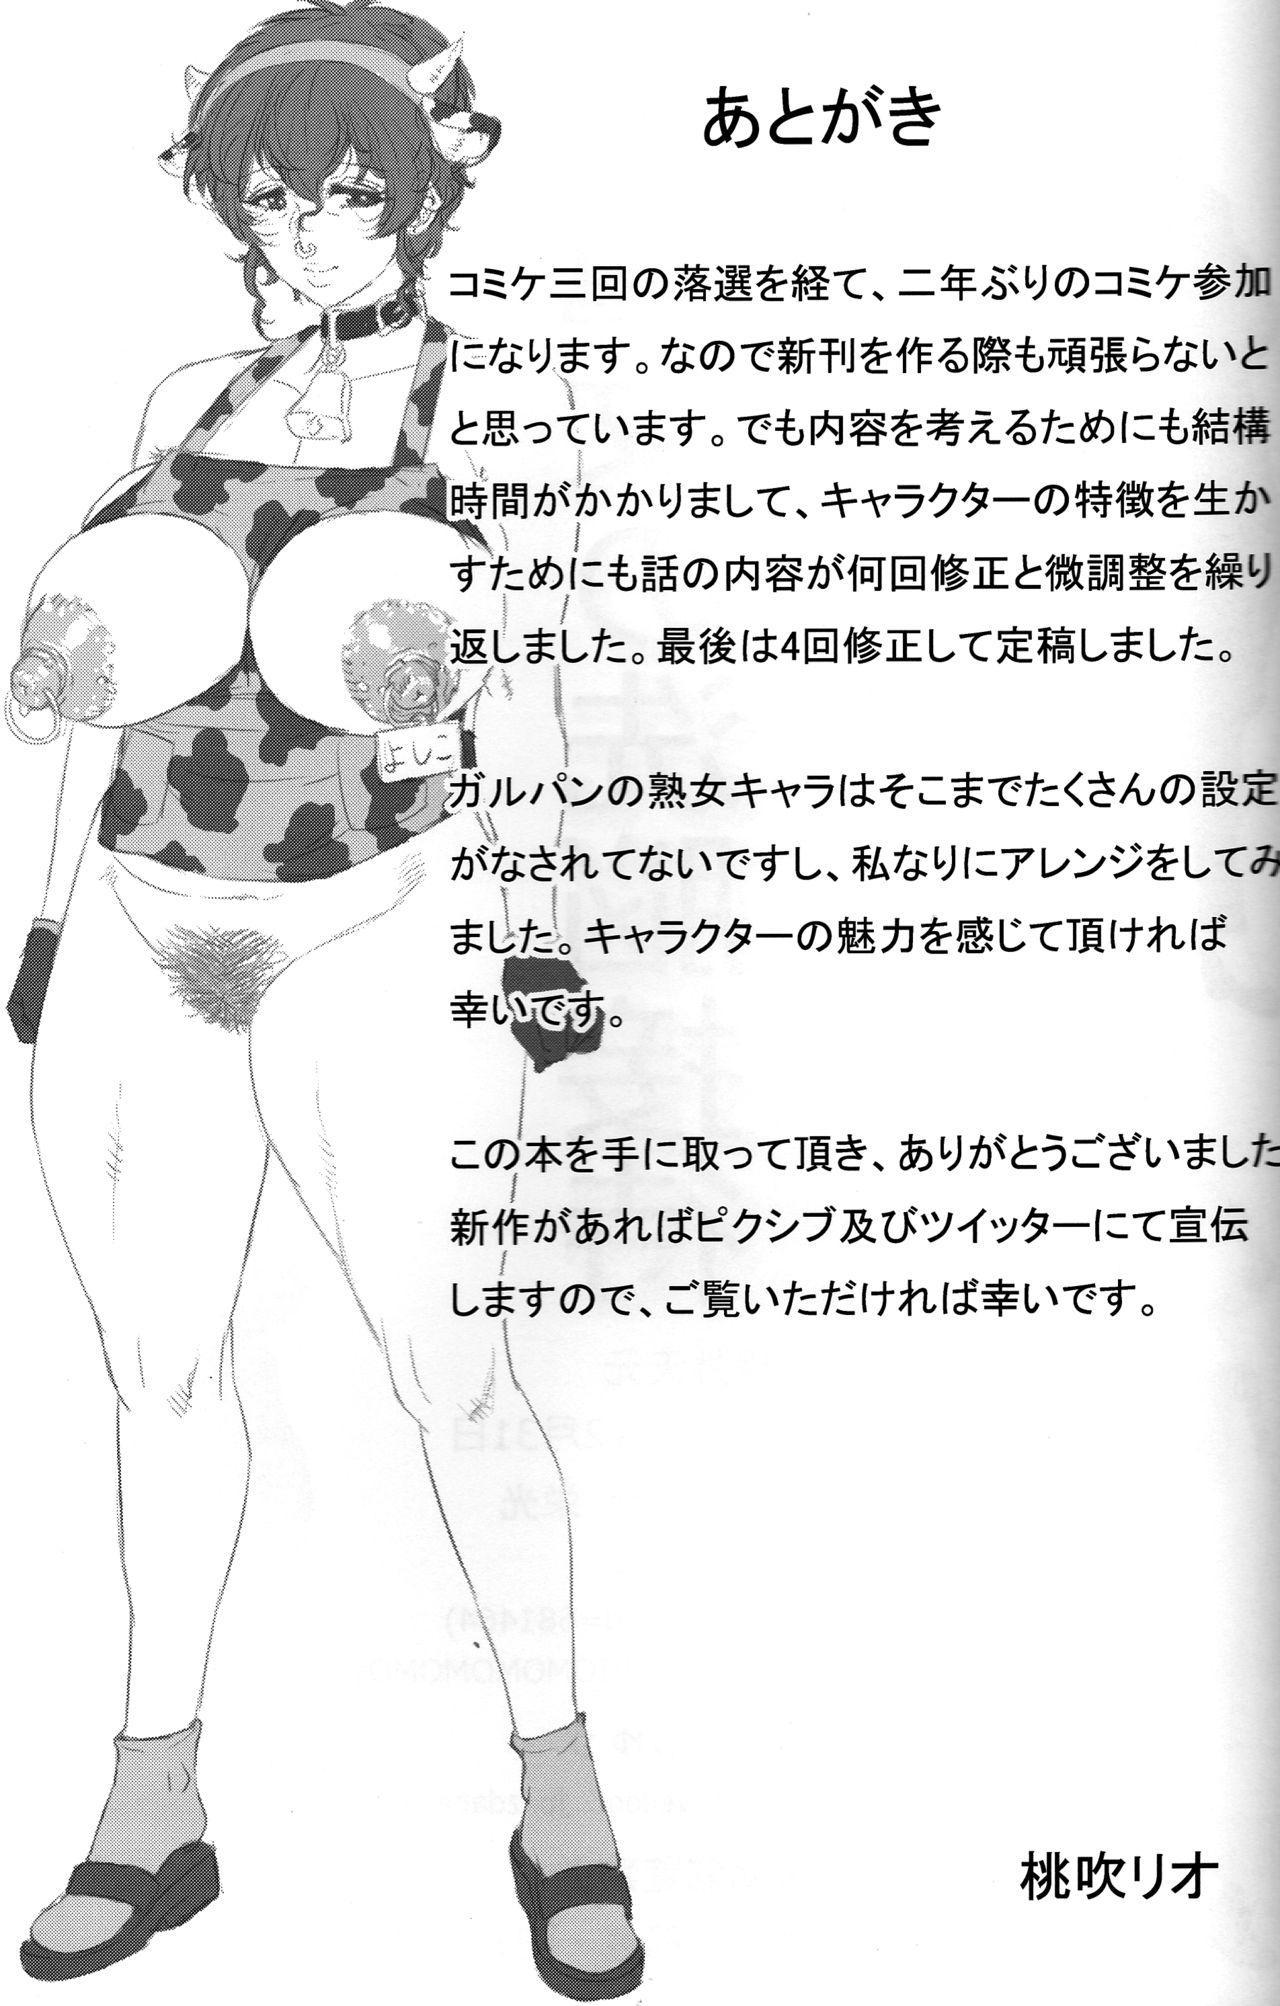 Bimajo no Sennou Settai 23